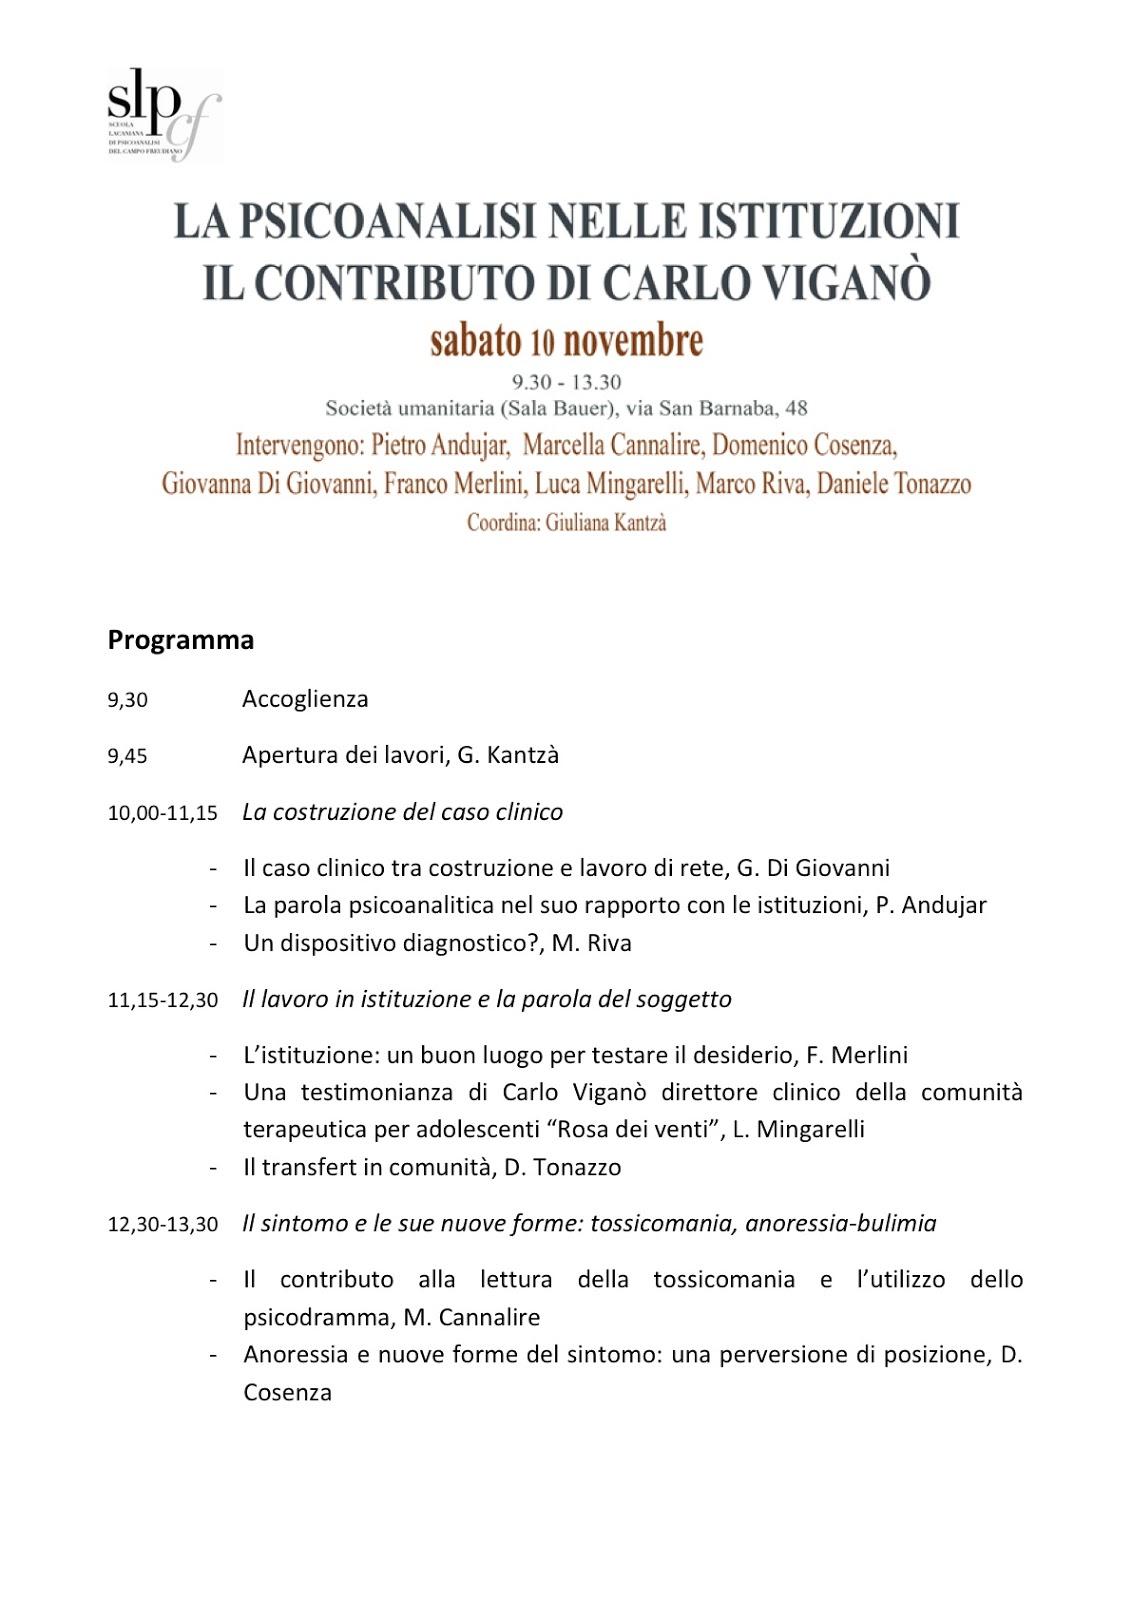 http://1.bp.blogspot.com/-ccVa-jutaMo/UJtlgNS_JlI/AAAAAAAAAm4/PiKZEXrgvNk/s1600/Programma+La+psicoanalisi+nelle+istituzioni.+Il+contributo+di+Carlo+Vigano%CC%80.jpg